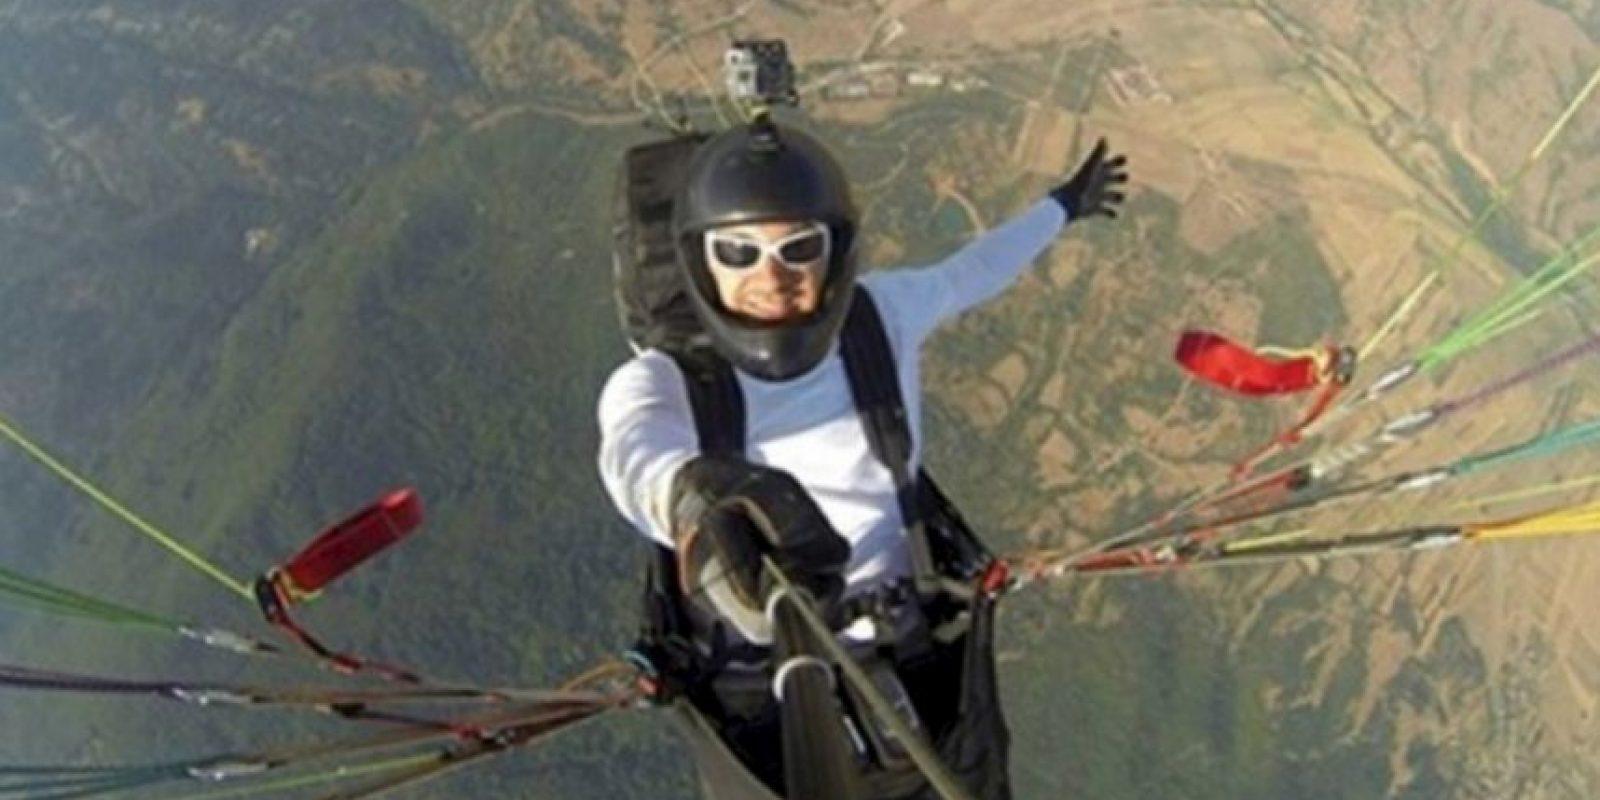 Al dar un salto en avión. Foto:Vía Instagram/#amazingselfie